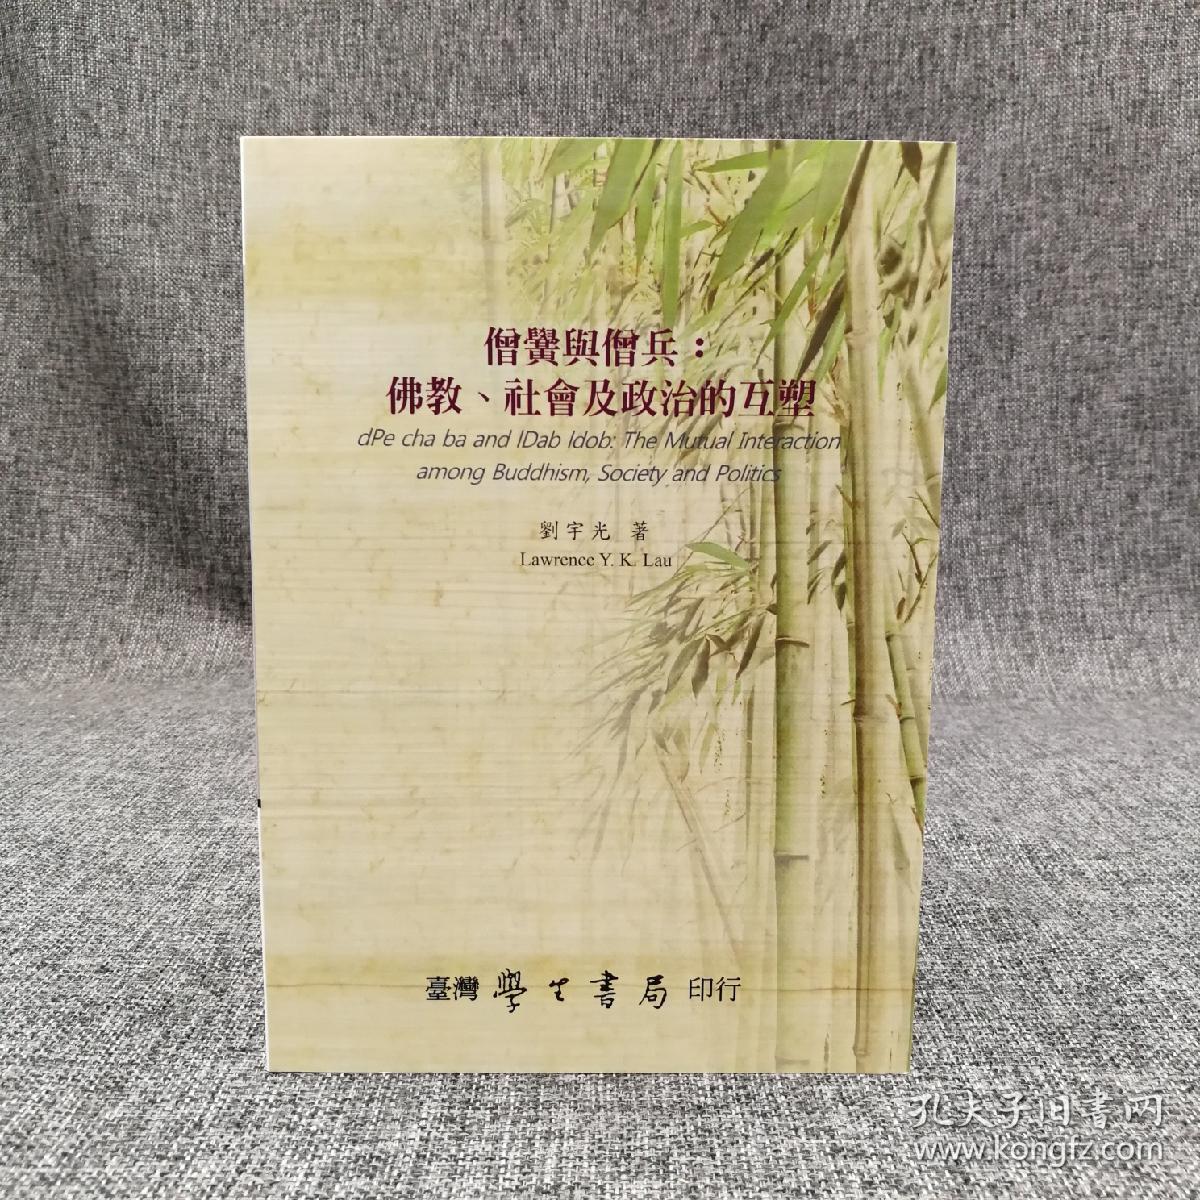 台湾学生书局  刘宇光《僧黌與僧兵:佛教、社會及政治的互塑》(锁线胶订)